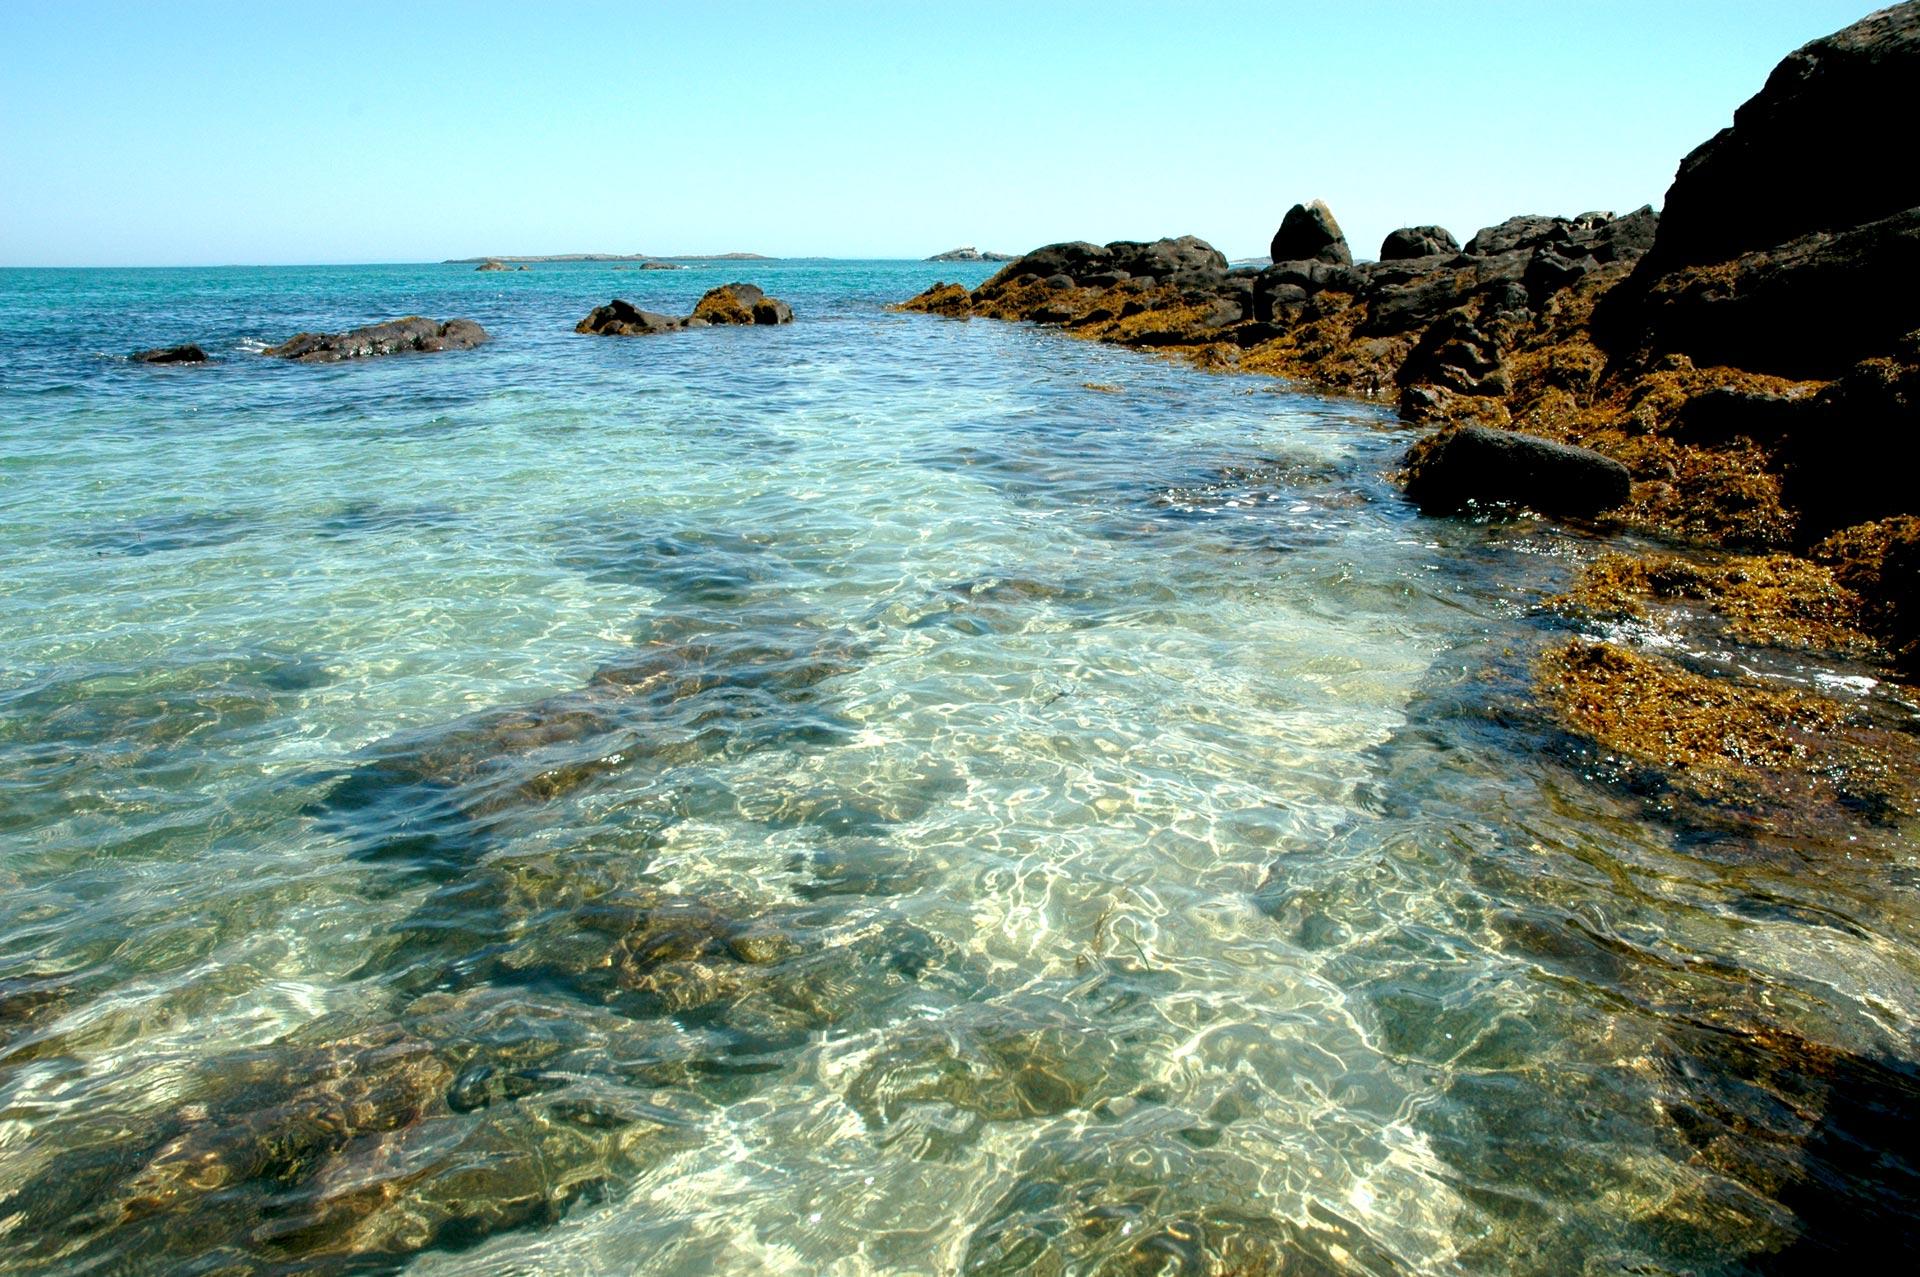 Les eaux turquoises de Chausey